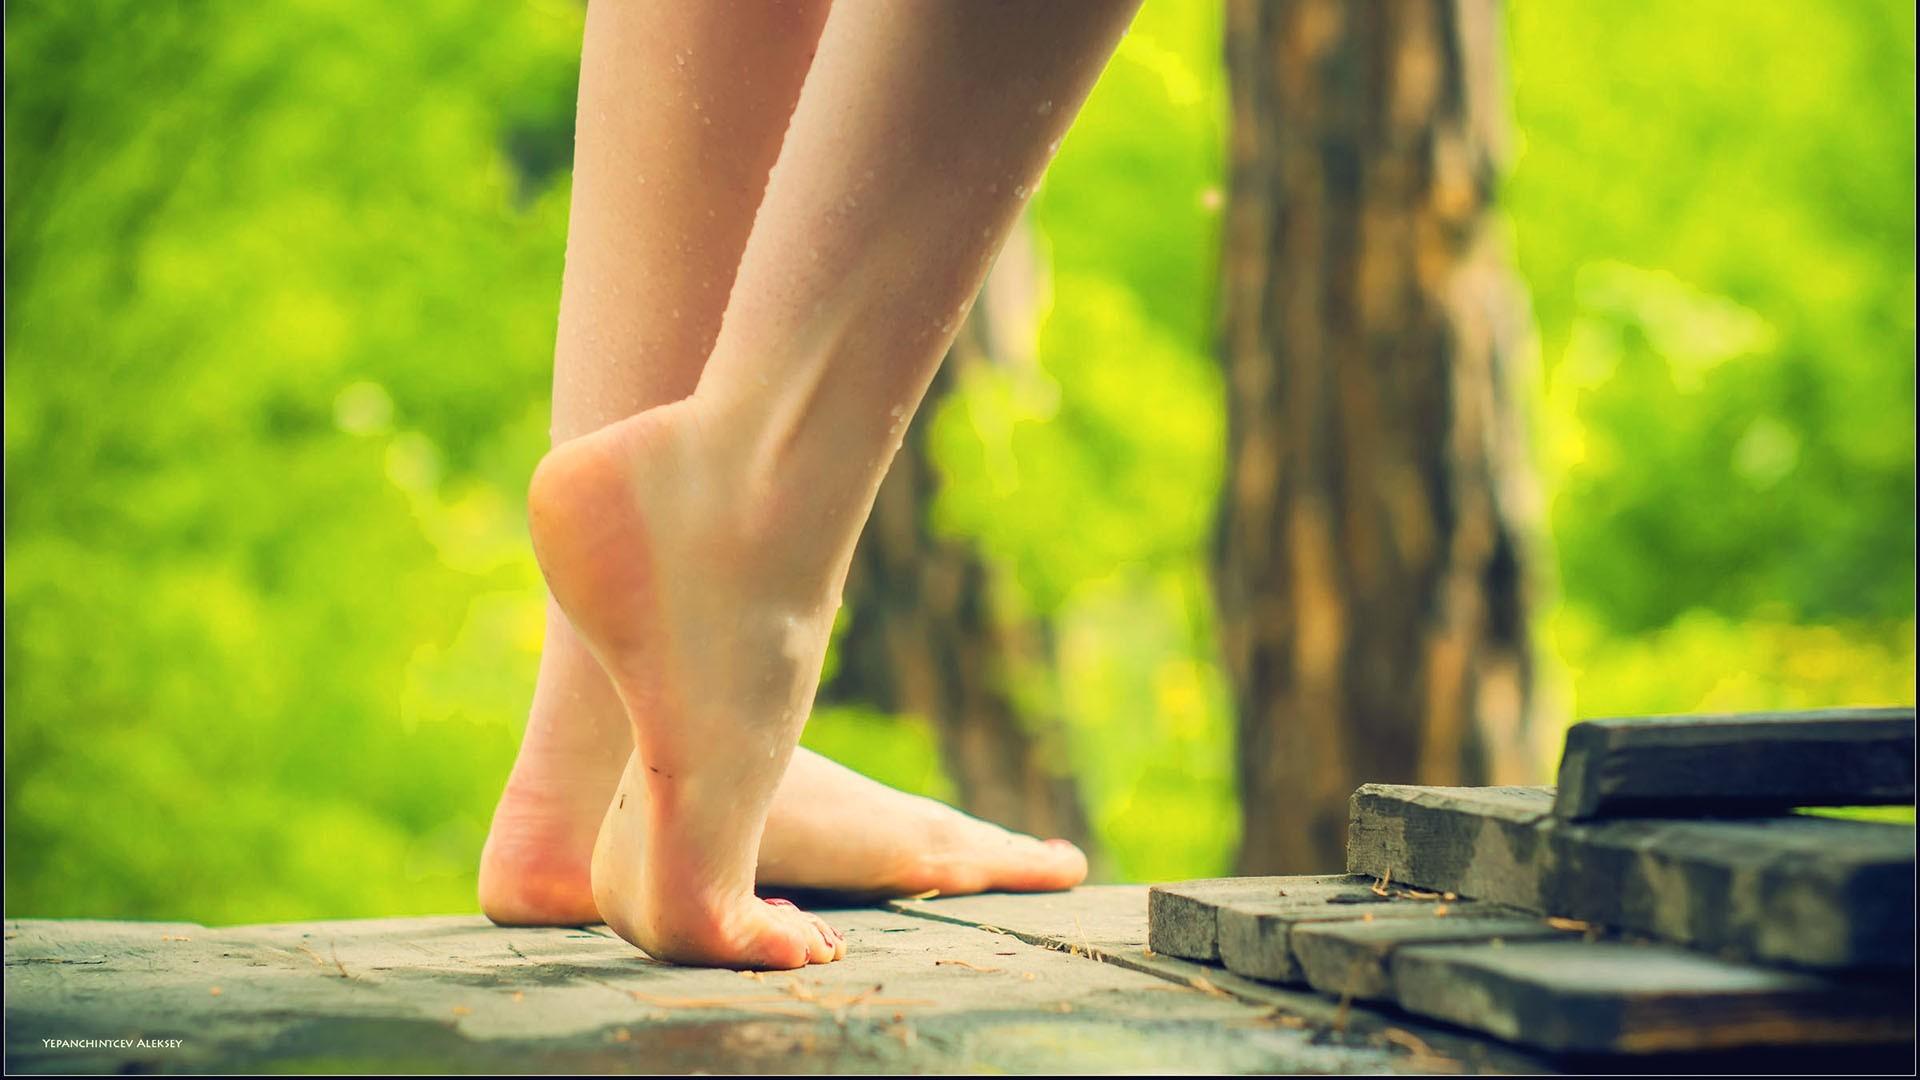 обладателям фото женских босых ног эпичные